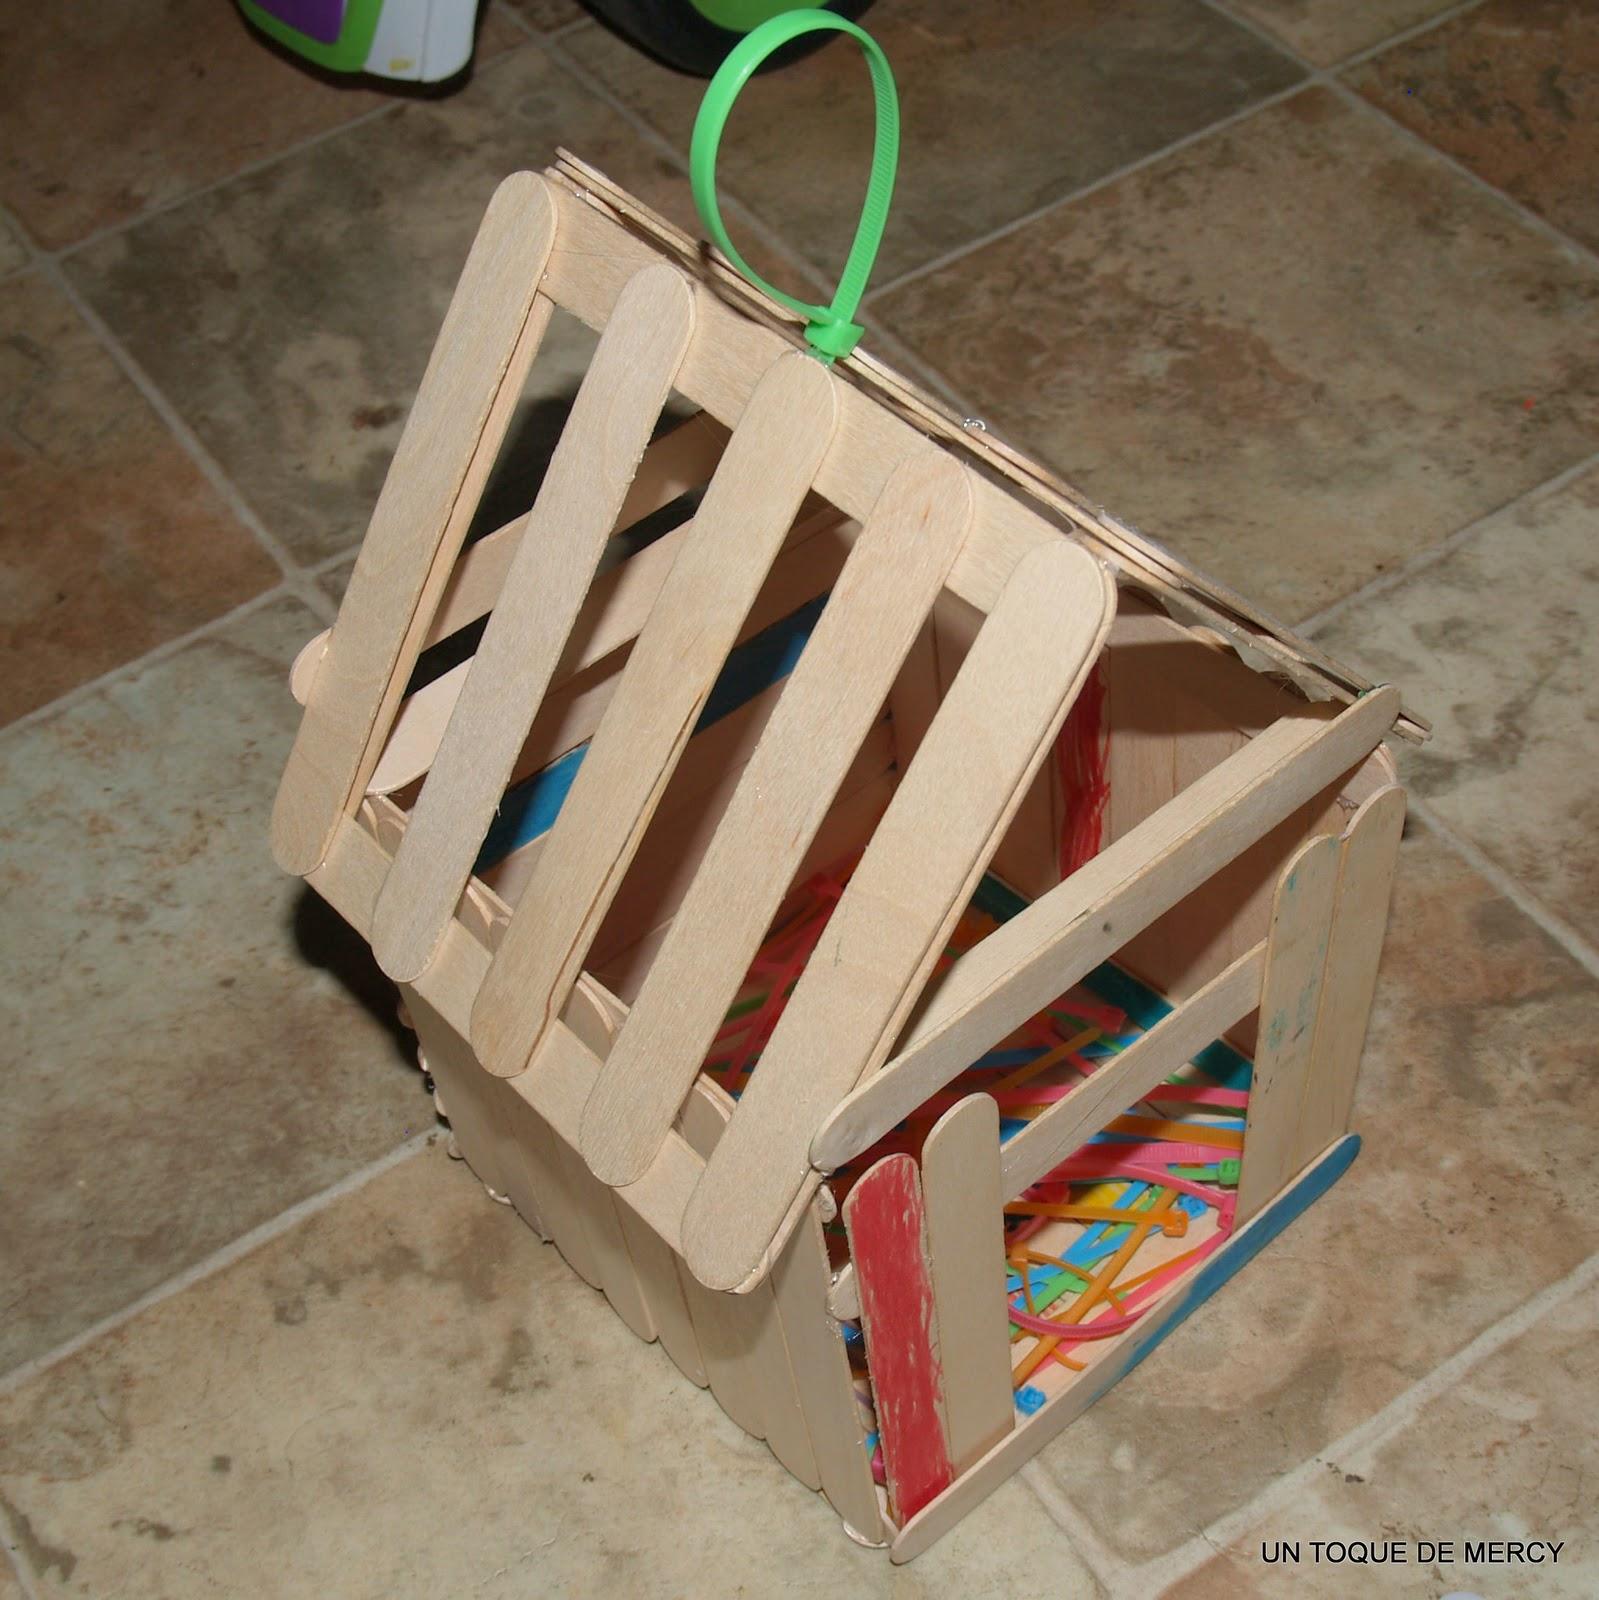 Un toque de mercy casita de paletas de madera for Paletas madera